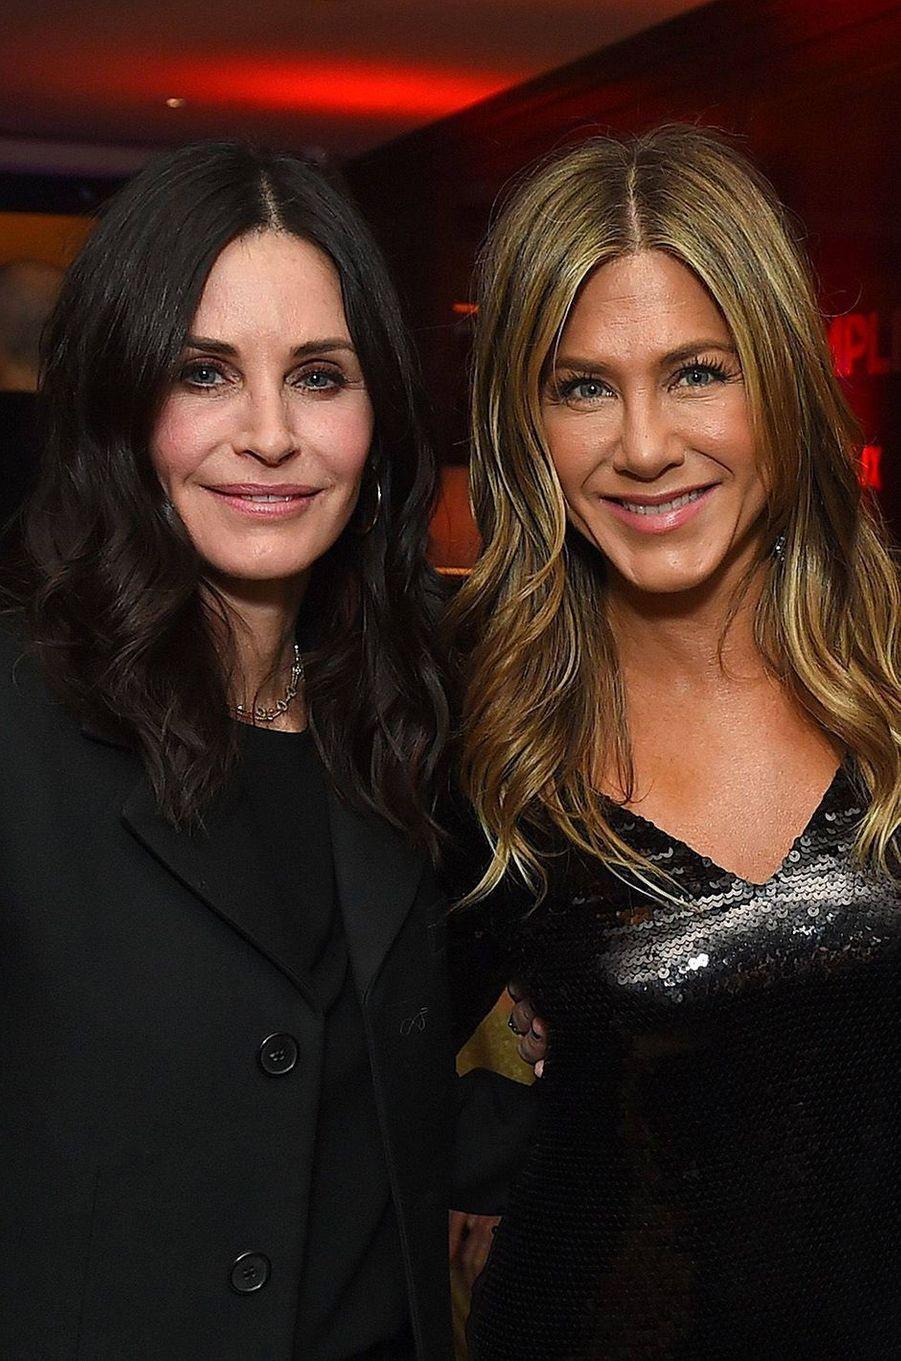 Courteney Cox et Jennifer Aniston : les indécollables «Friends». Depuis leur rencontre sur le plateau de tournage de la série en 1994, elles ne se sont plus quittées.